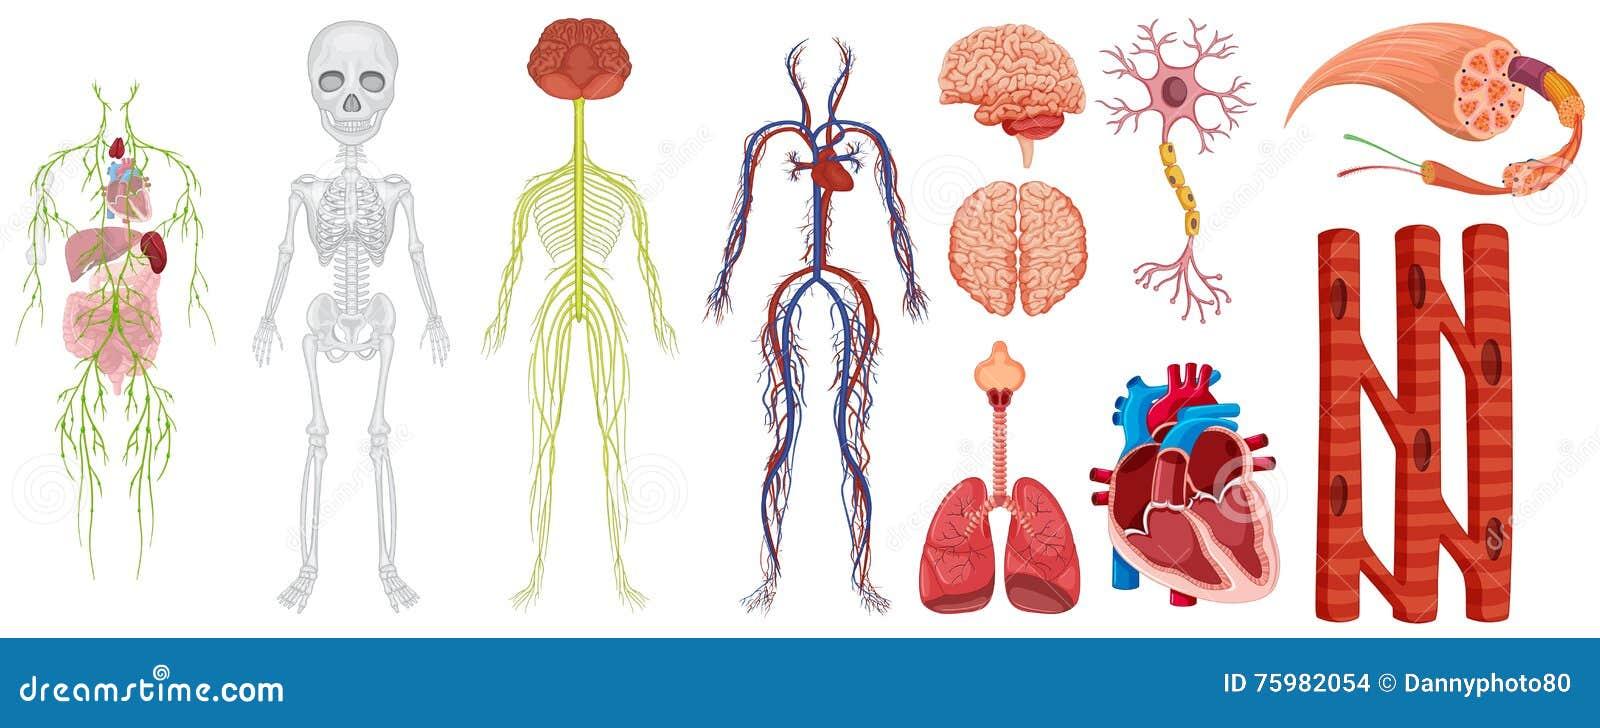 Verschiedene Systeme Im Menschlichen Körper Vektor Abbildung ...